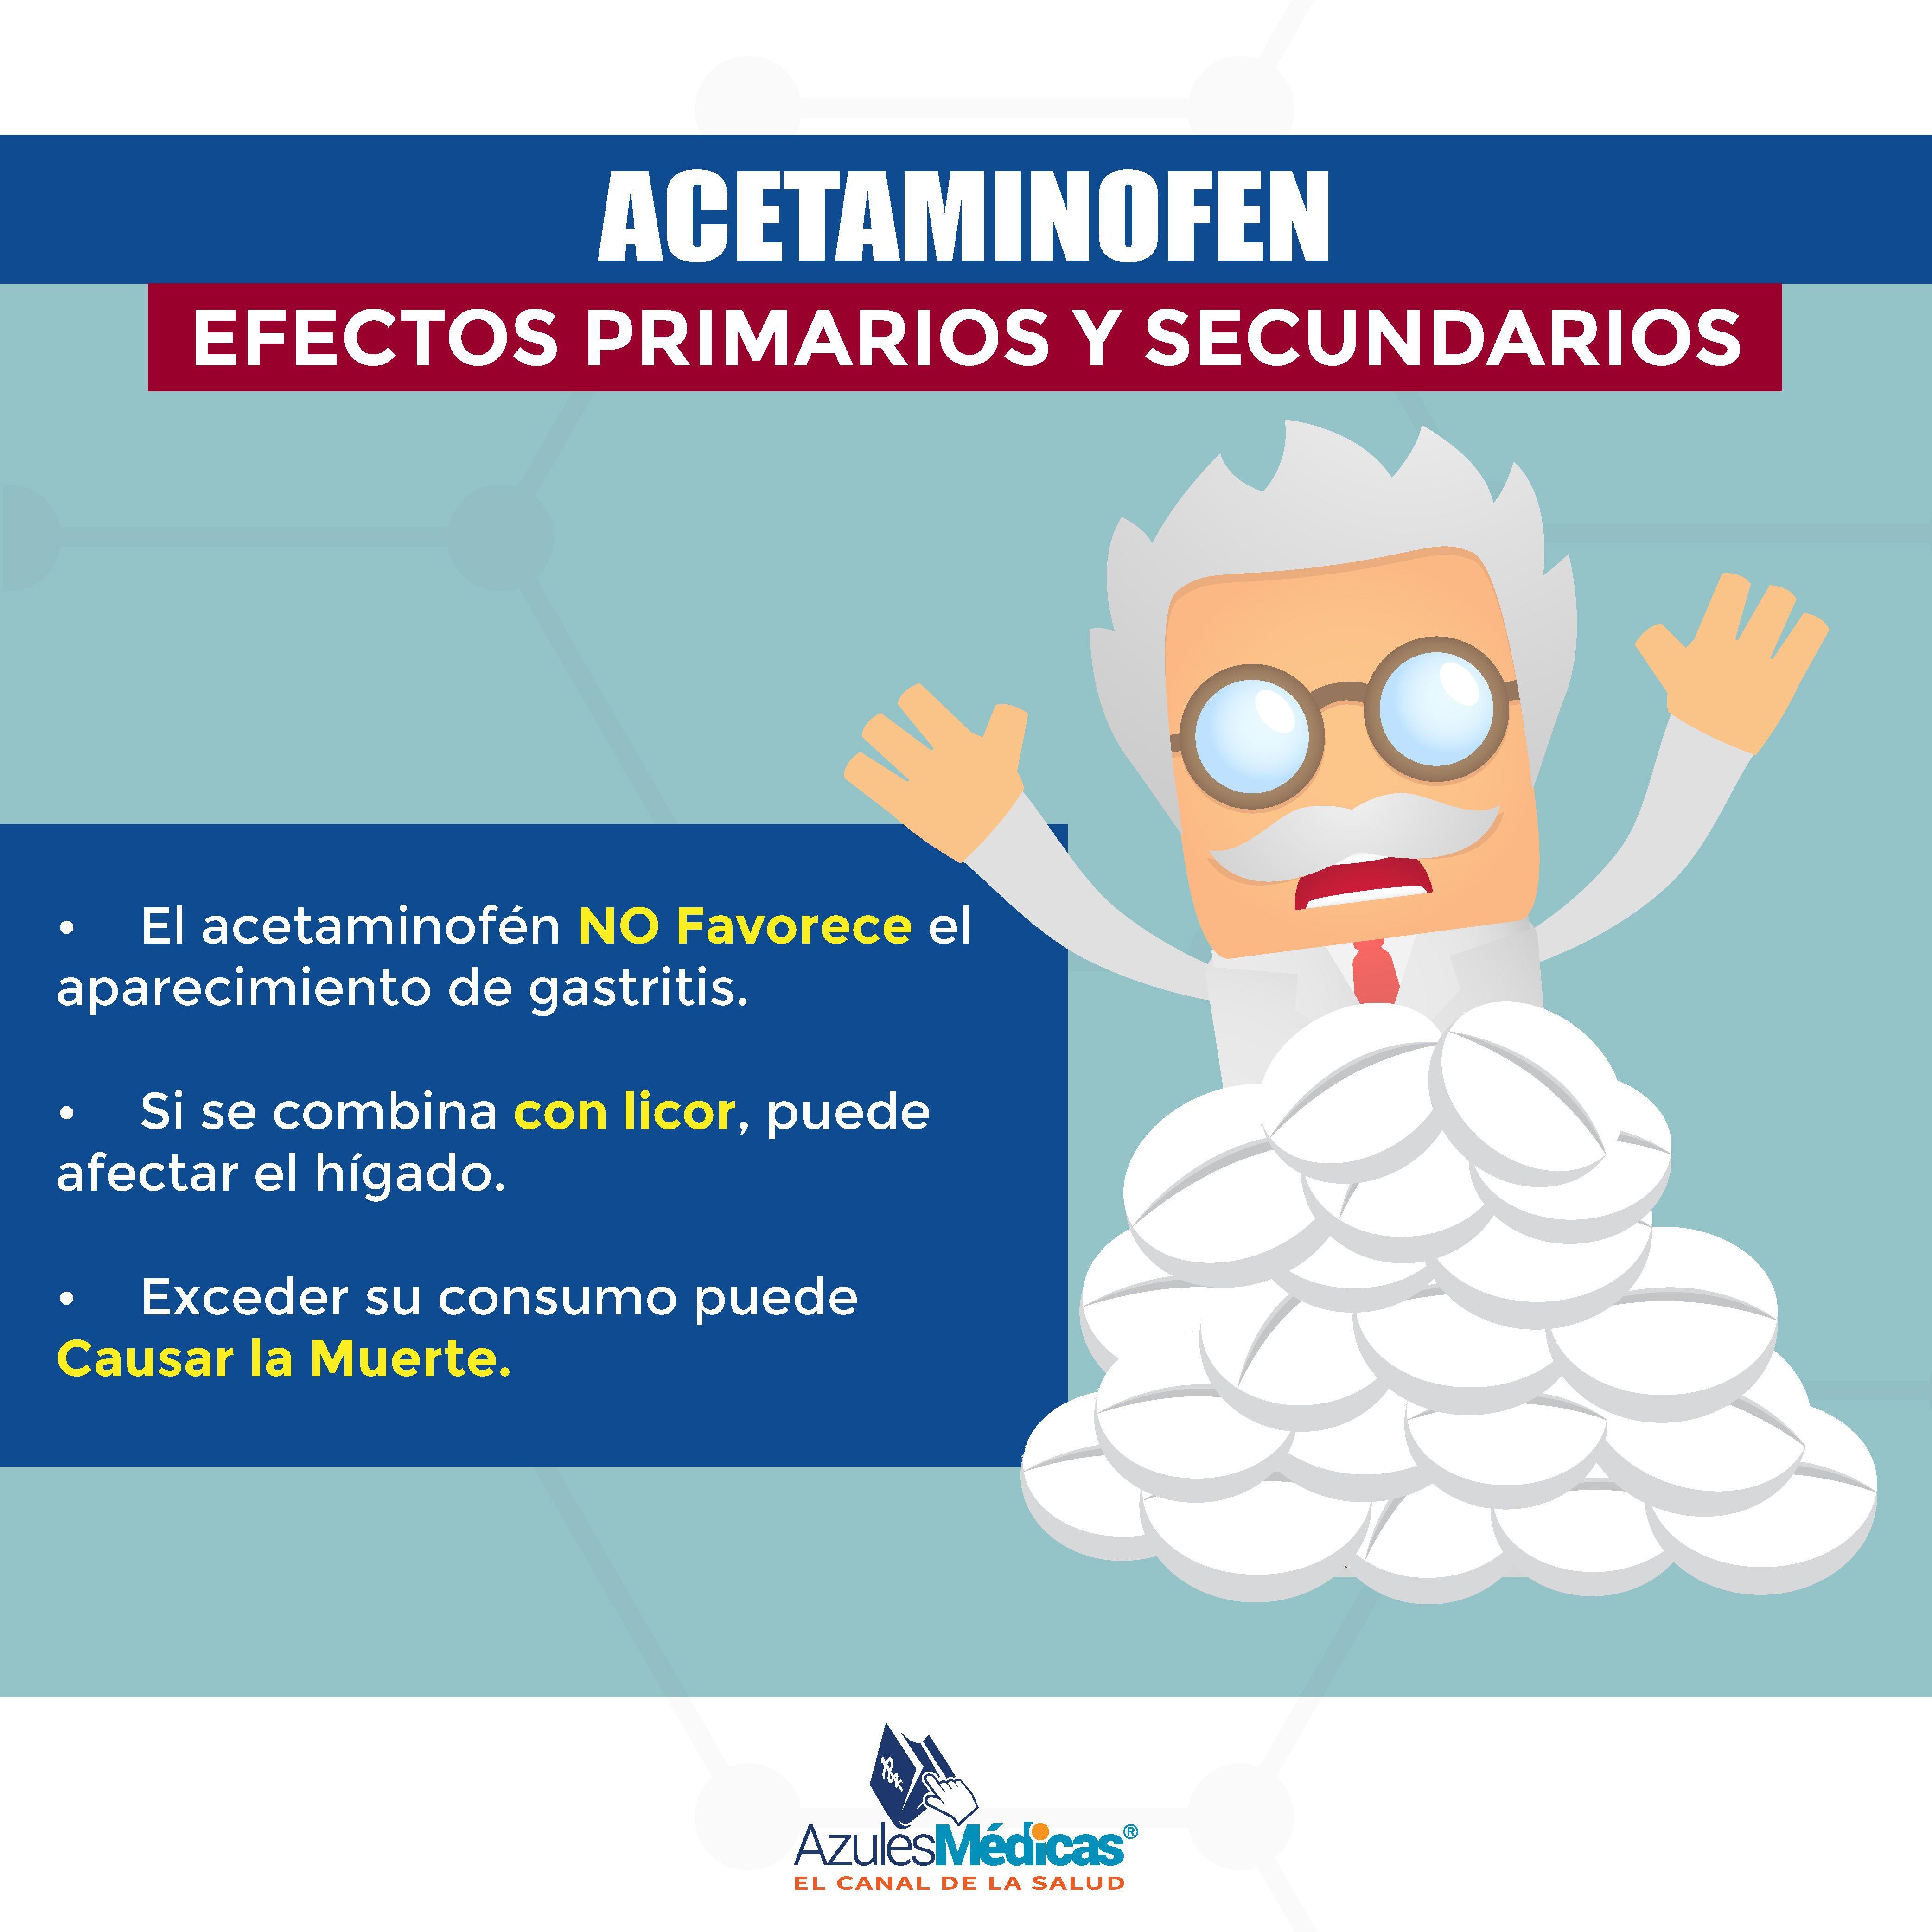 Exceder el consumo de #Acetaminofen #Si puede causar la muerte. Conoce sus efectos ► http://bit.ly/1TgUcPT